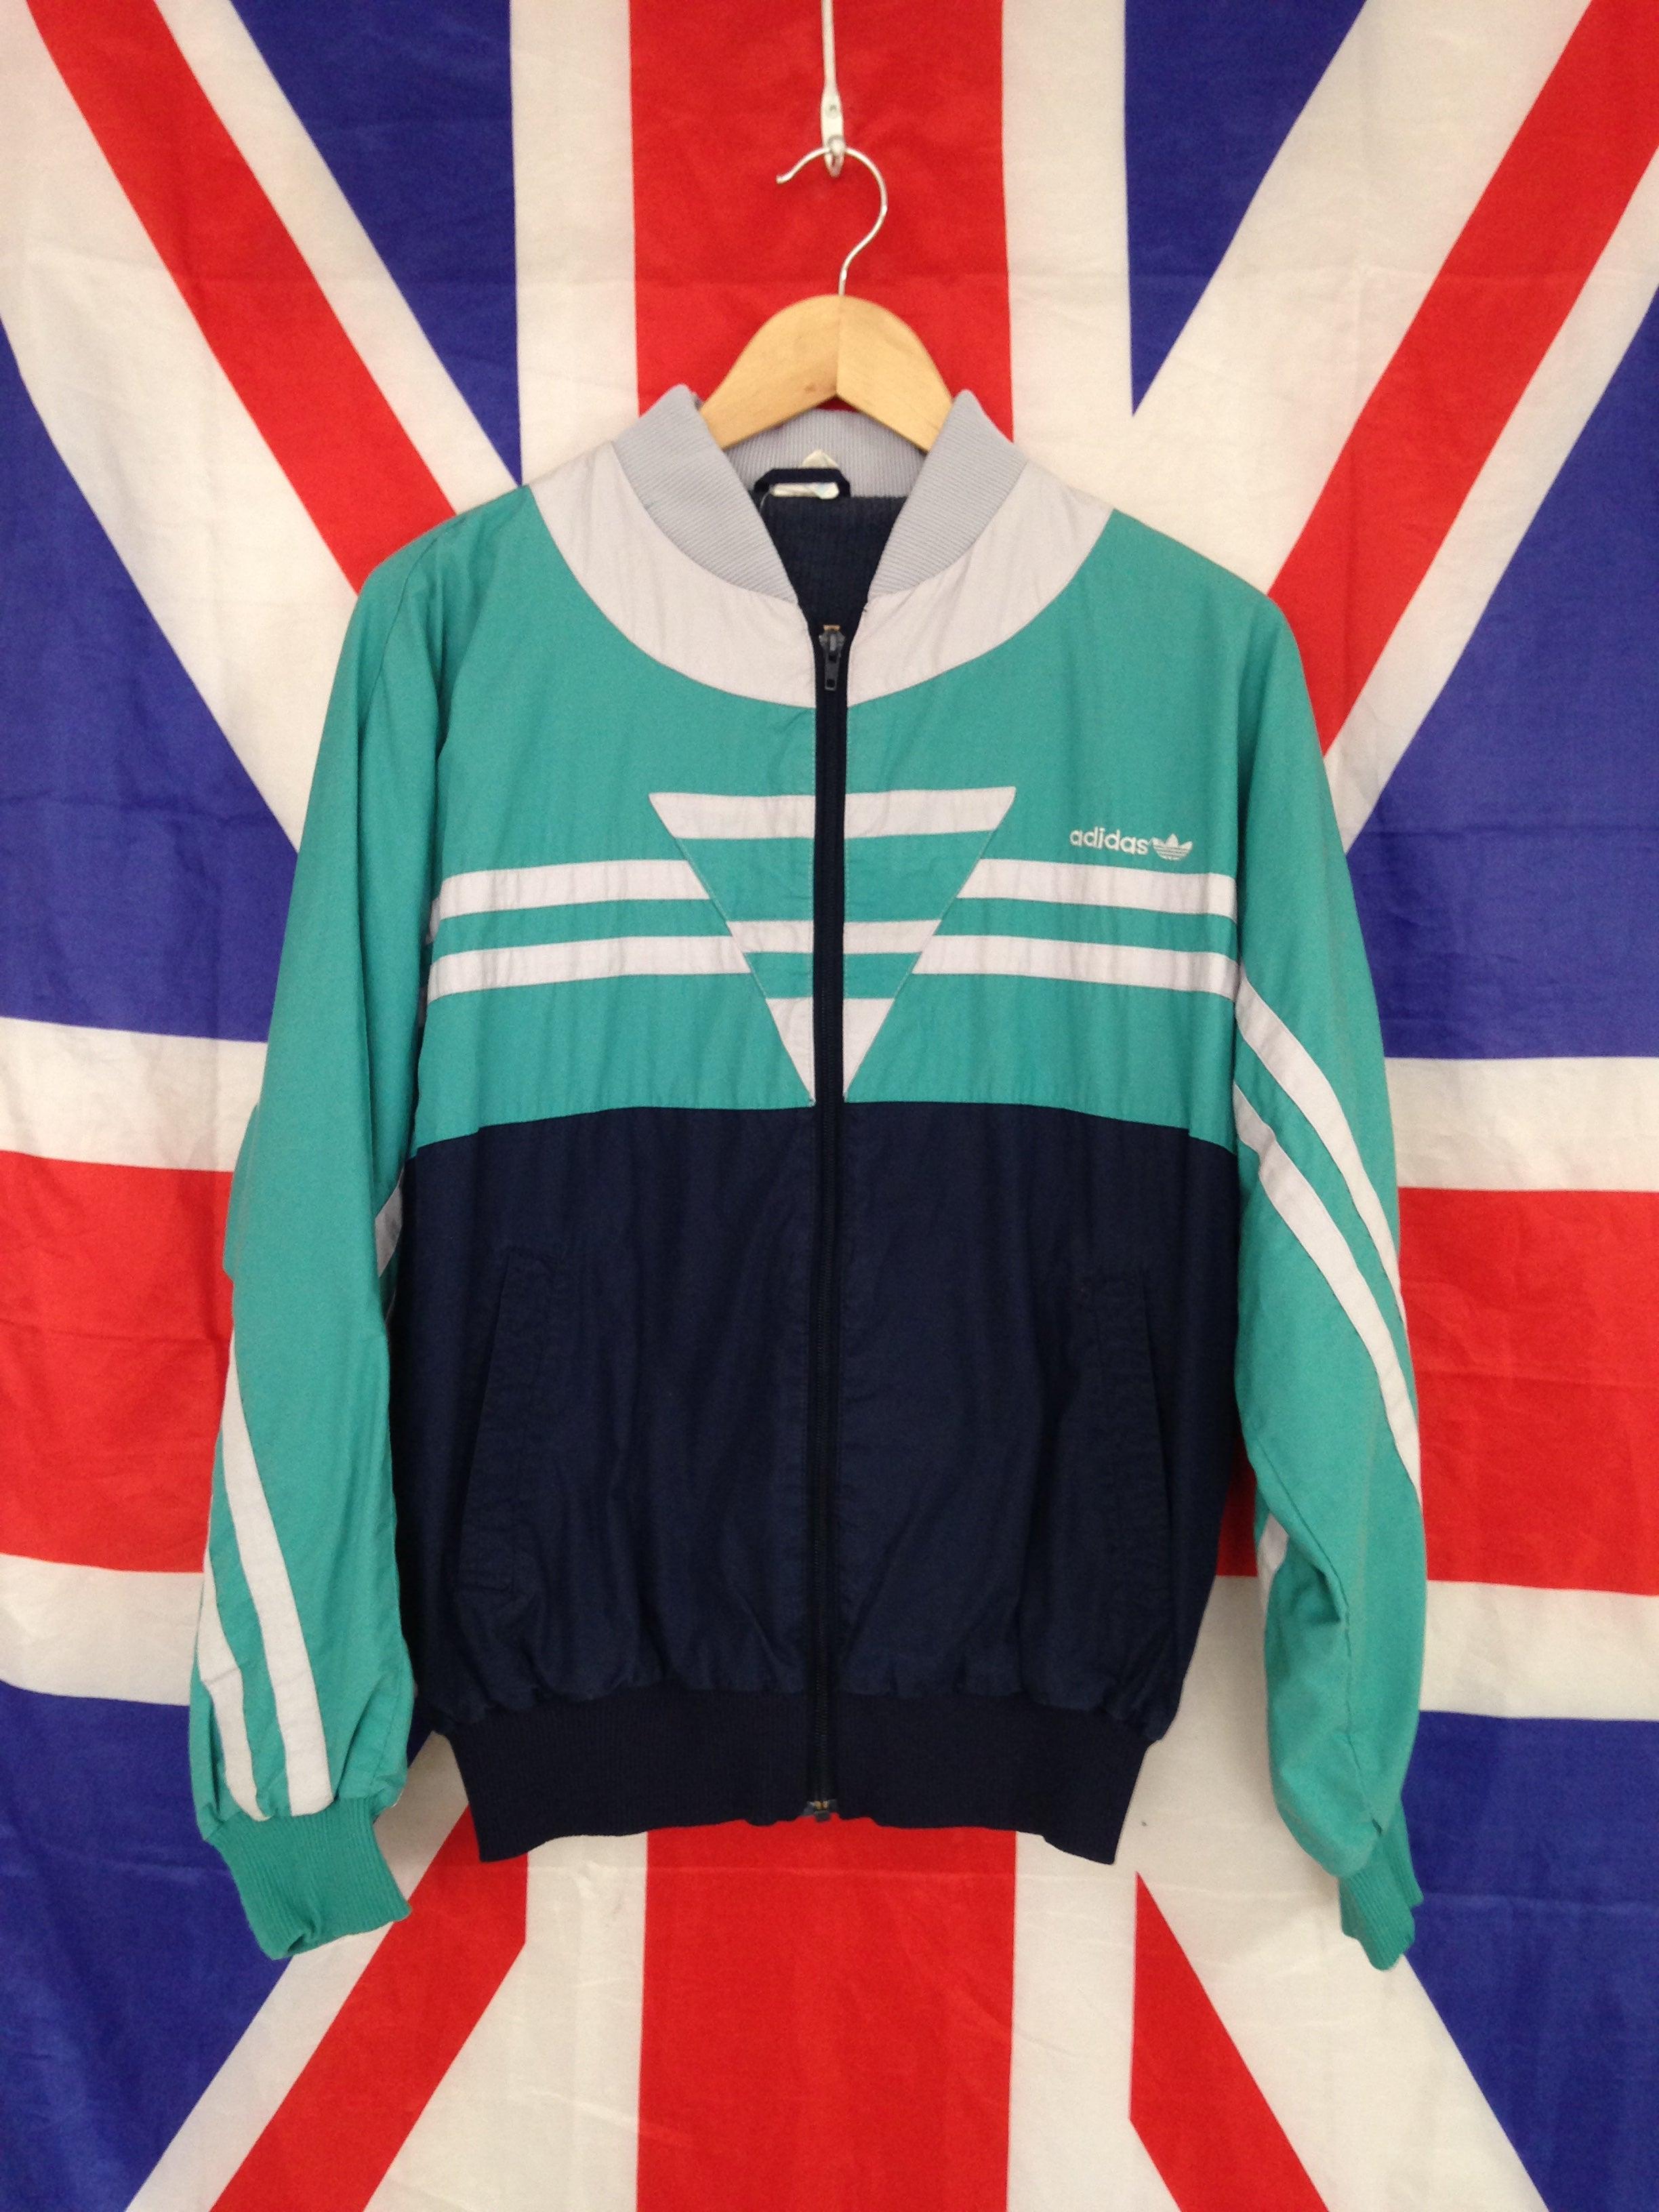 adidas 80s jacket